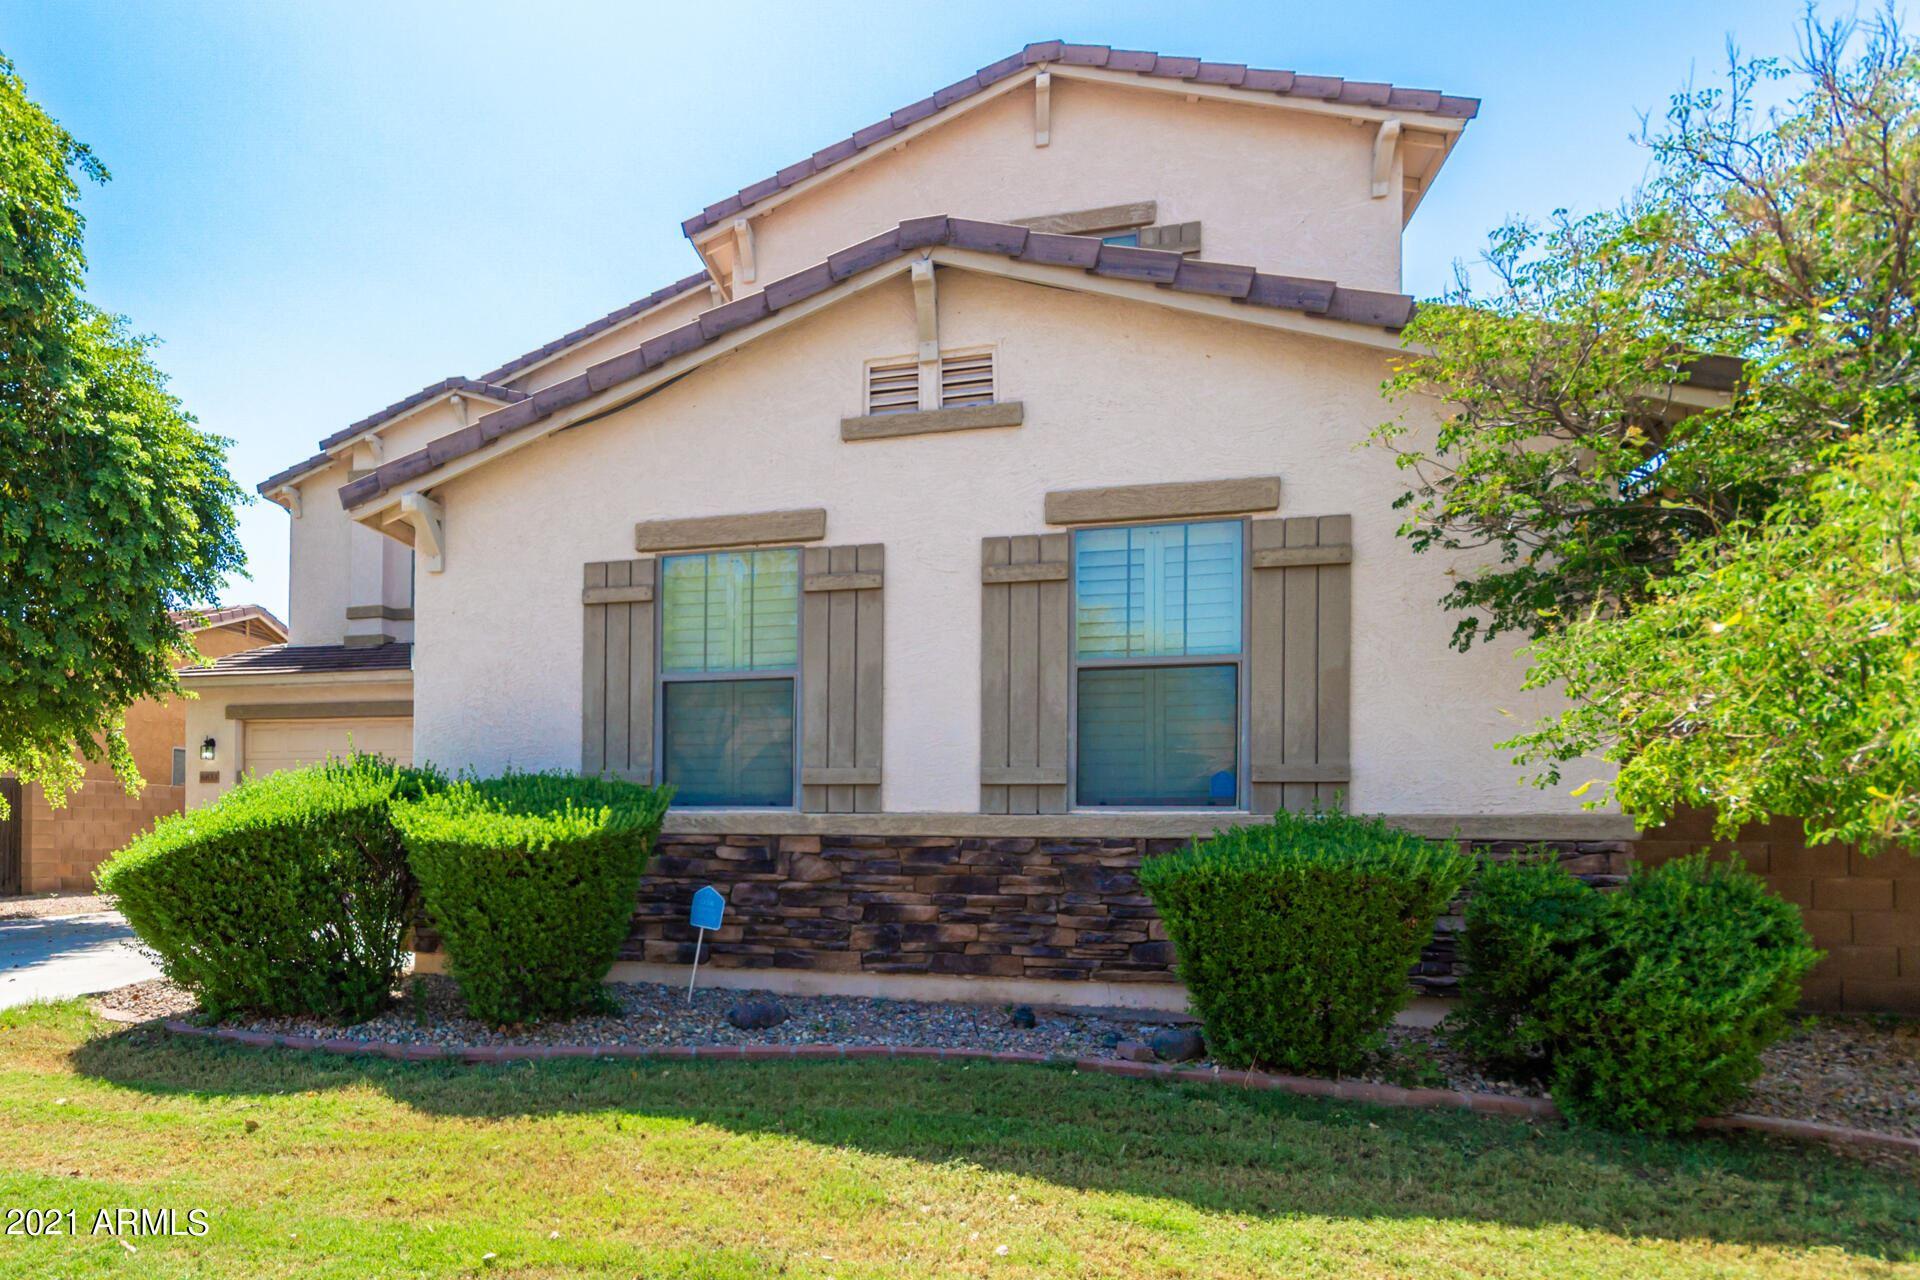 Photo of 6833 W ALTA VISTA Road, Laveen, AZ 85339 (MLS # 6279839)